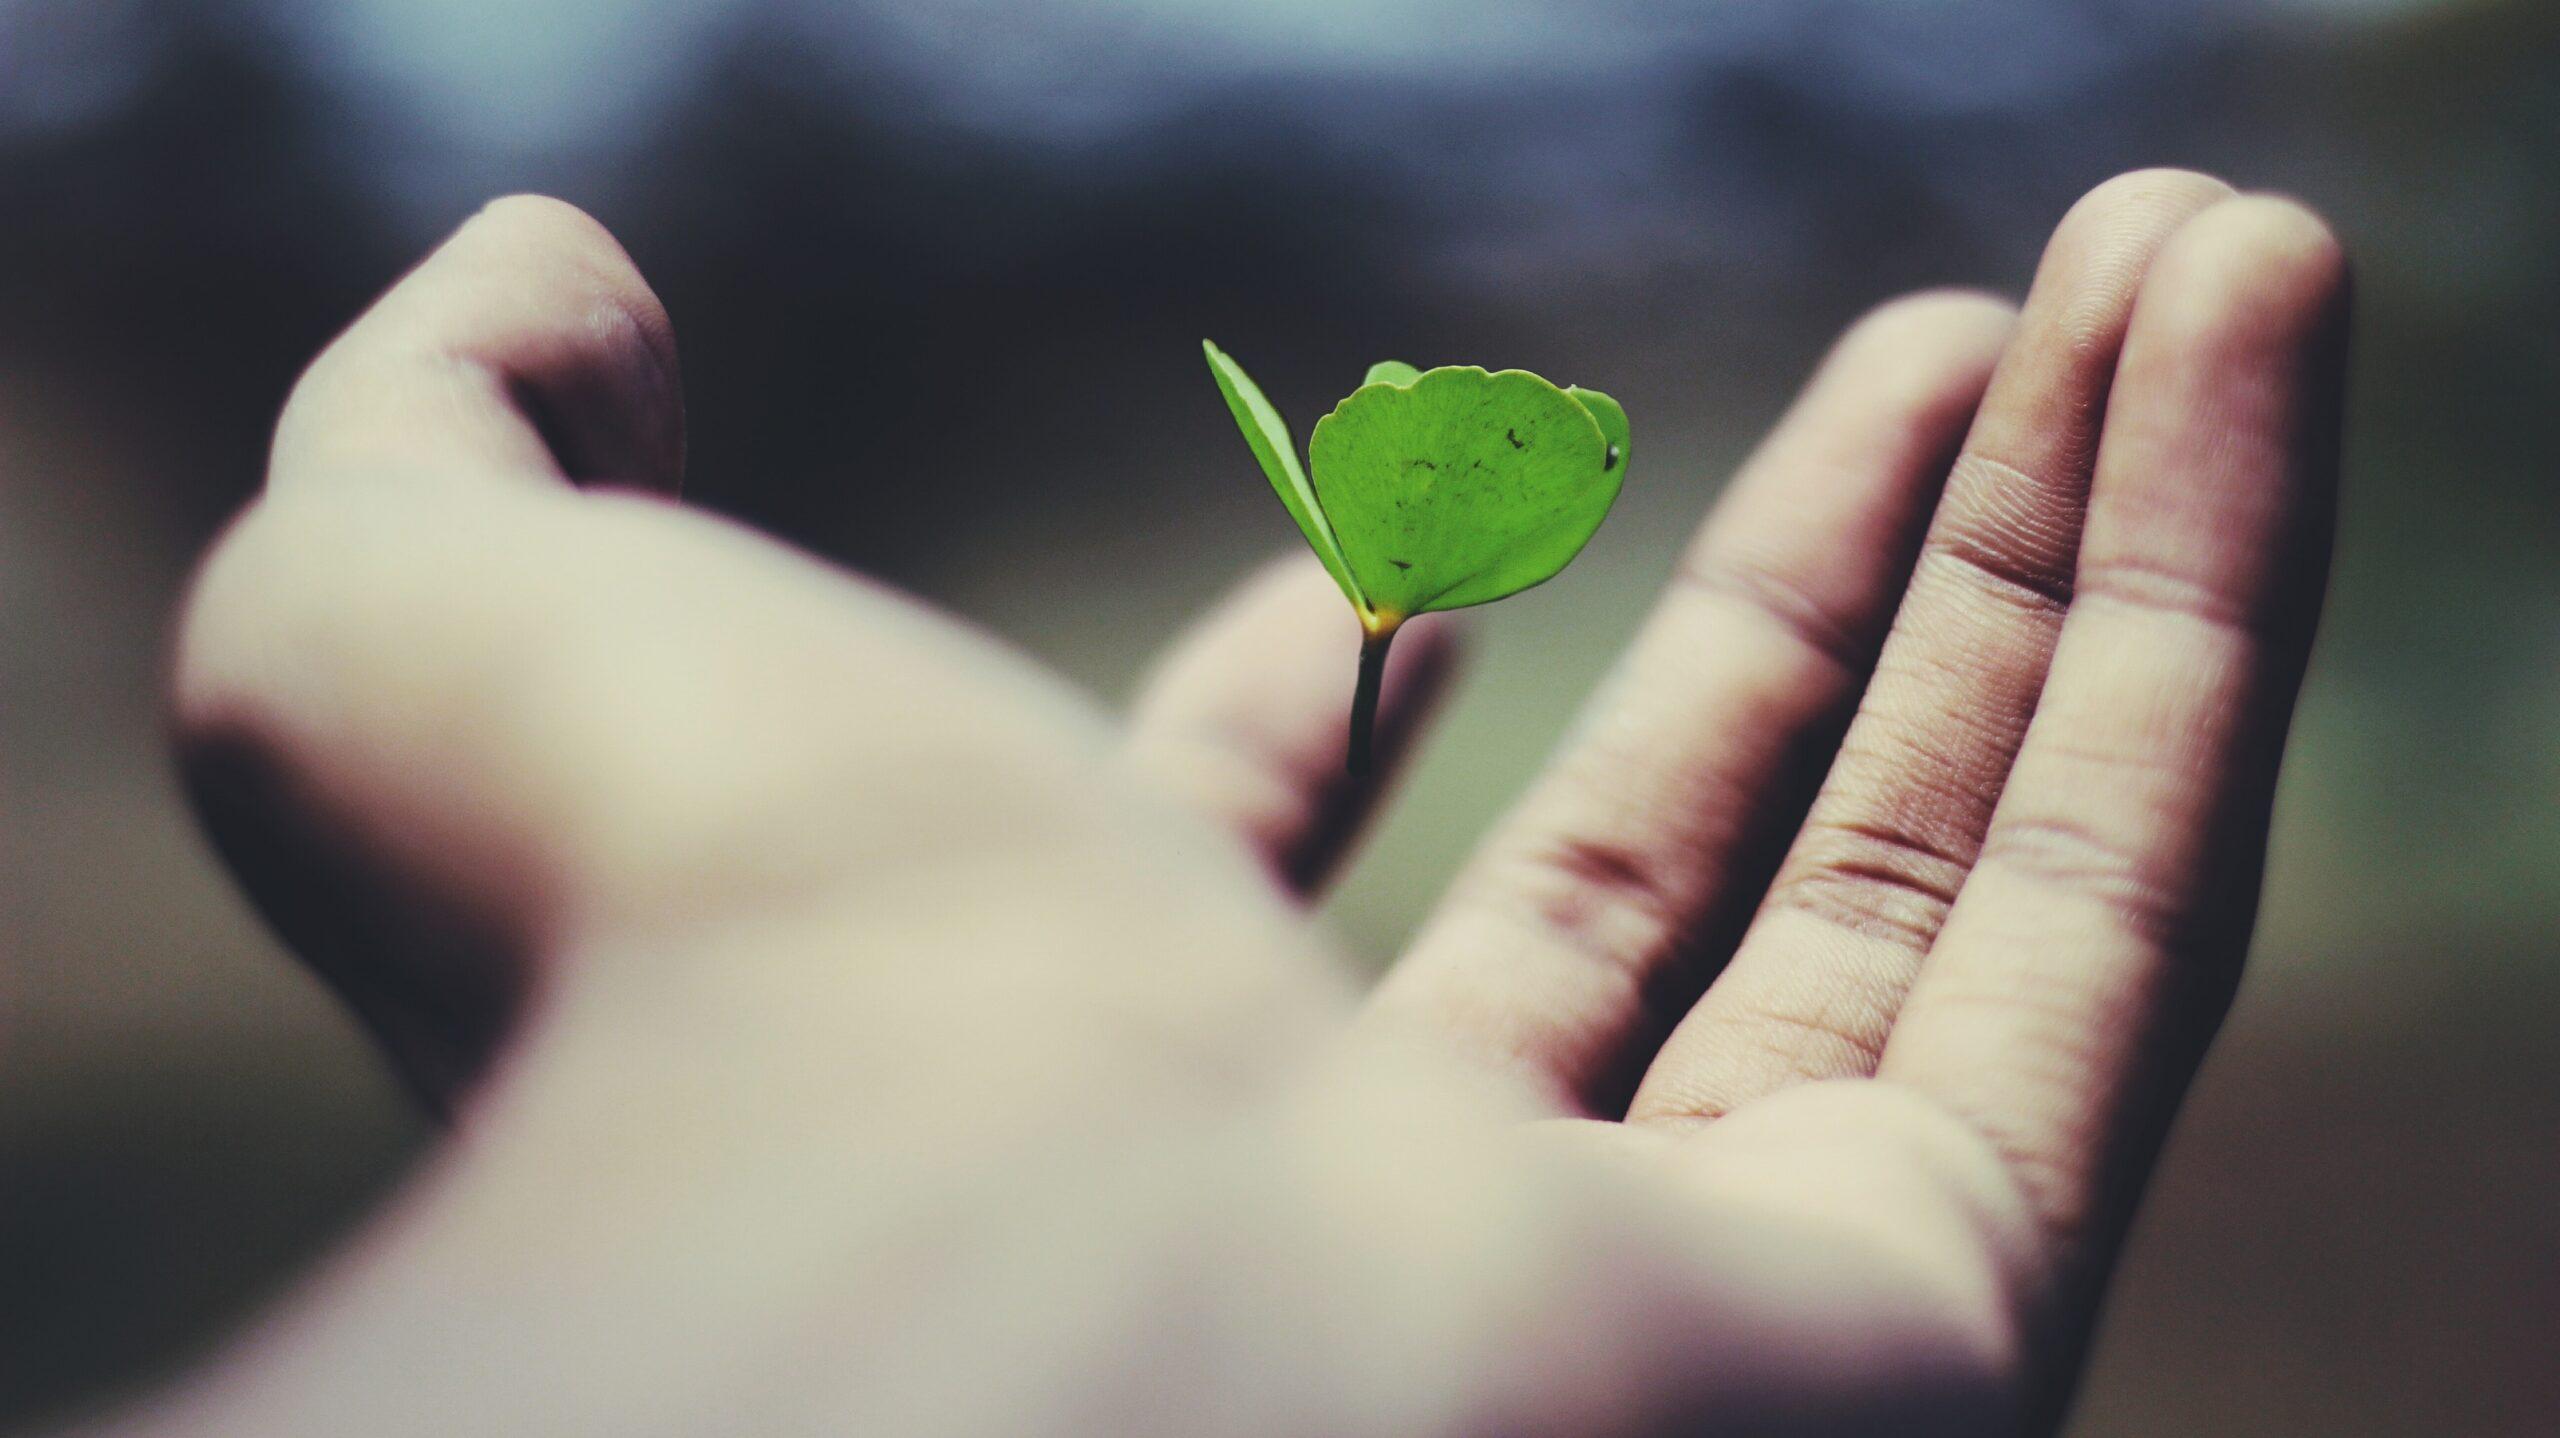 「生きる意味」って何?いらない思い込みを変換して世界を変える方法